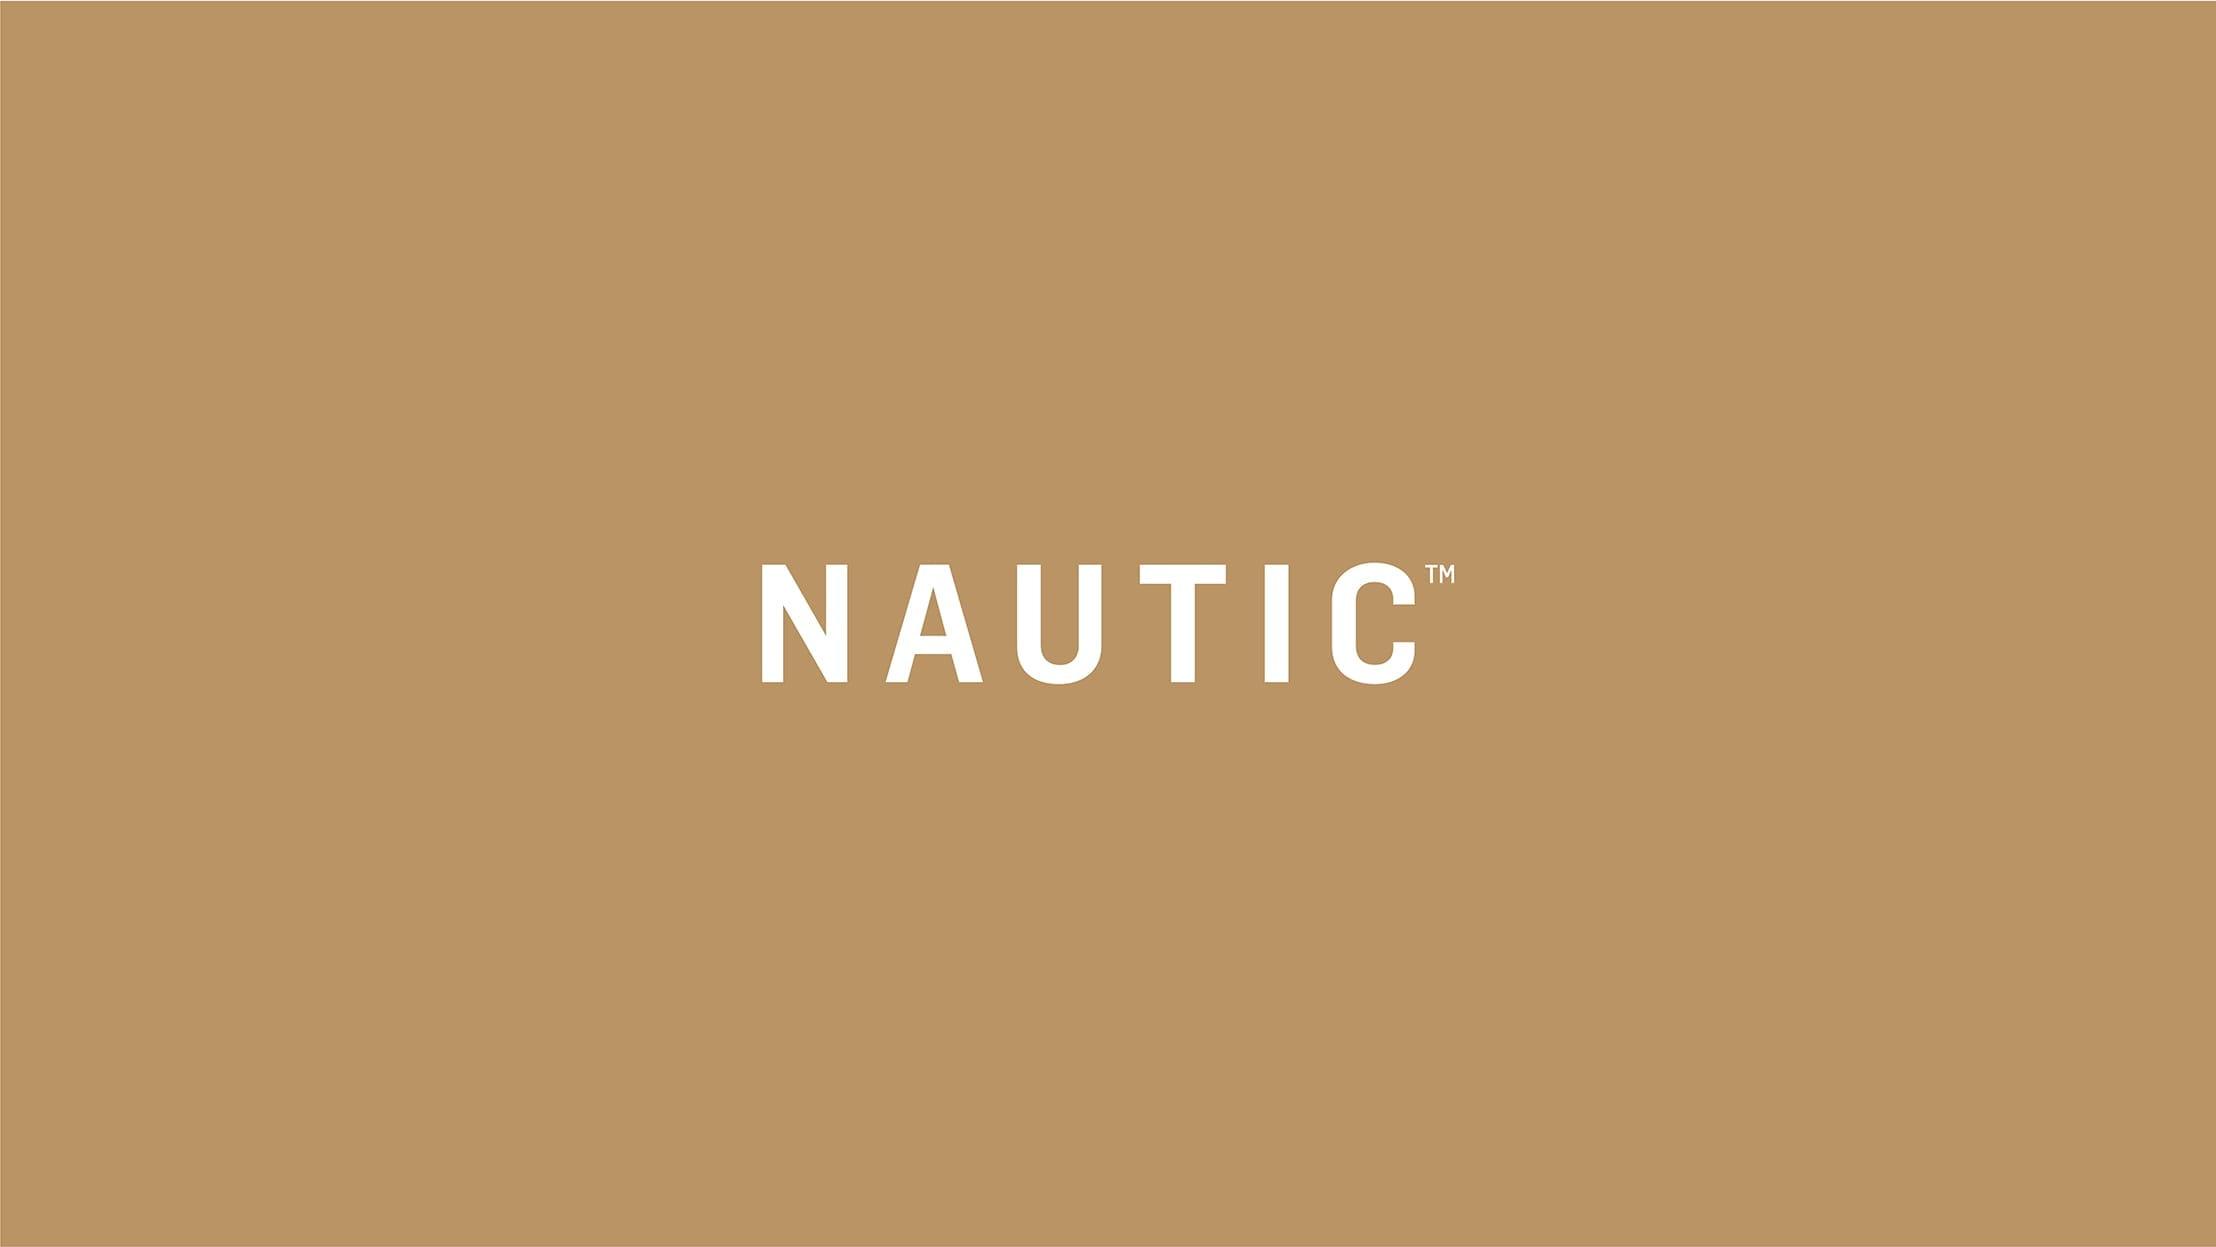 Nautic Brand Identity